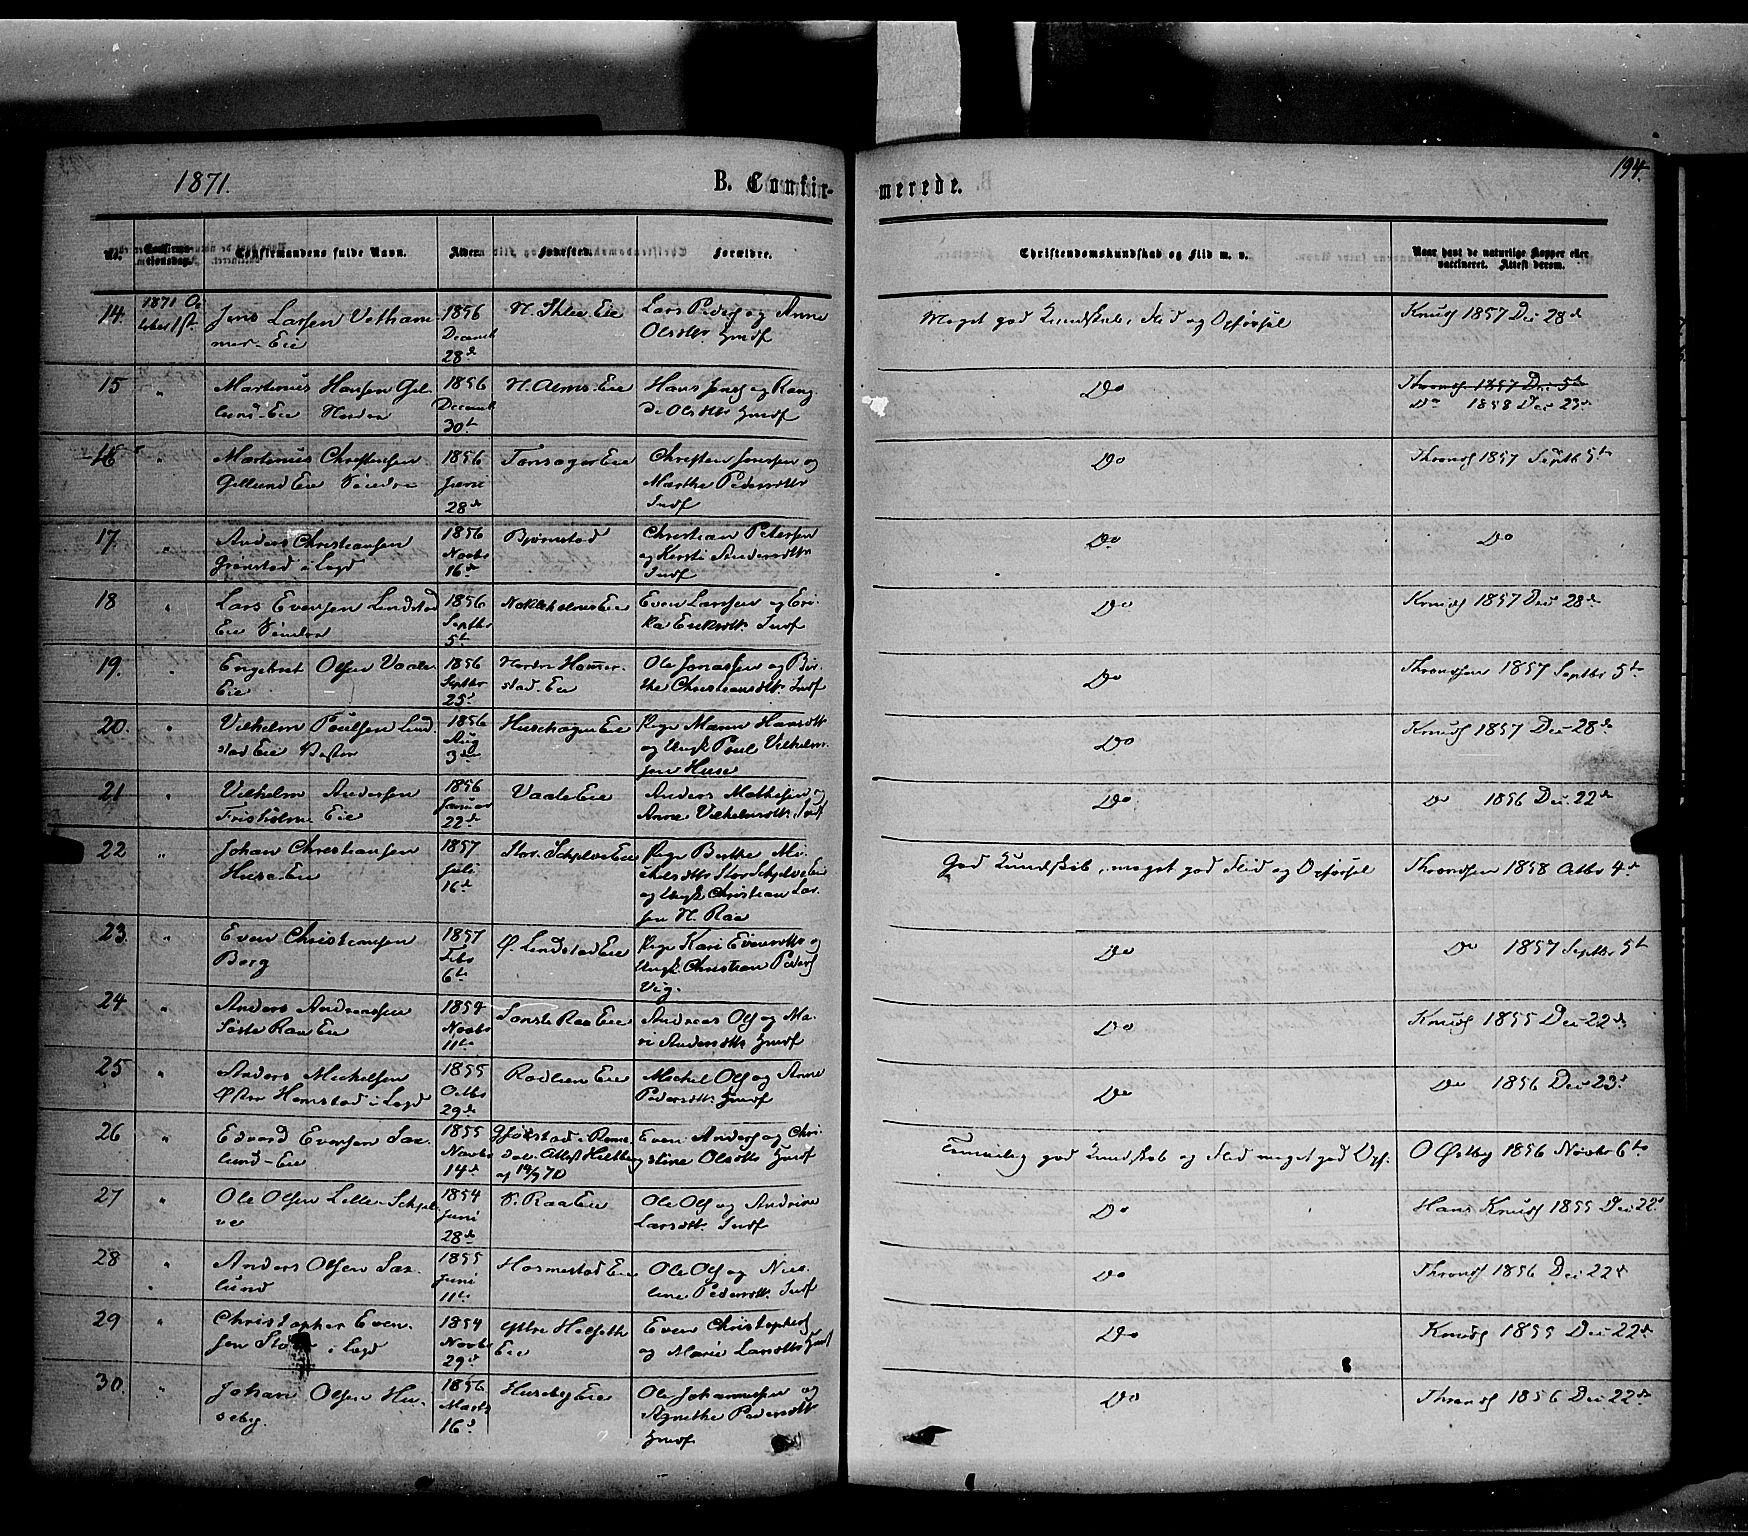 SAH, Stange prestekontor, K/L0013: Parish register (official) no. 13, 1862-1879, p. 194